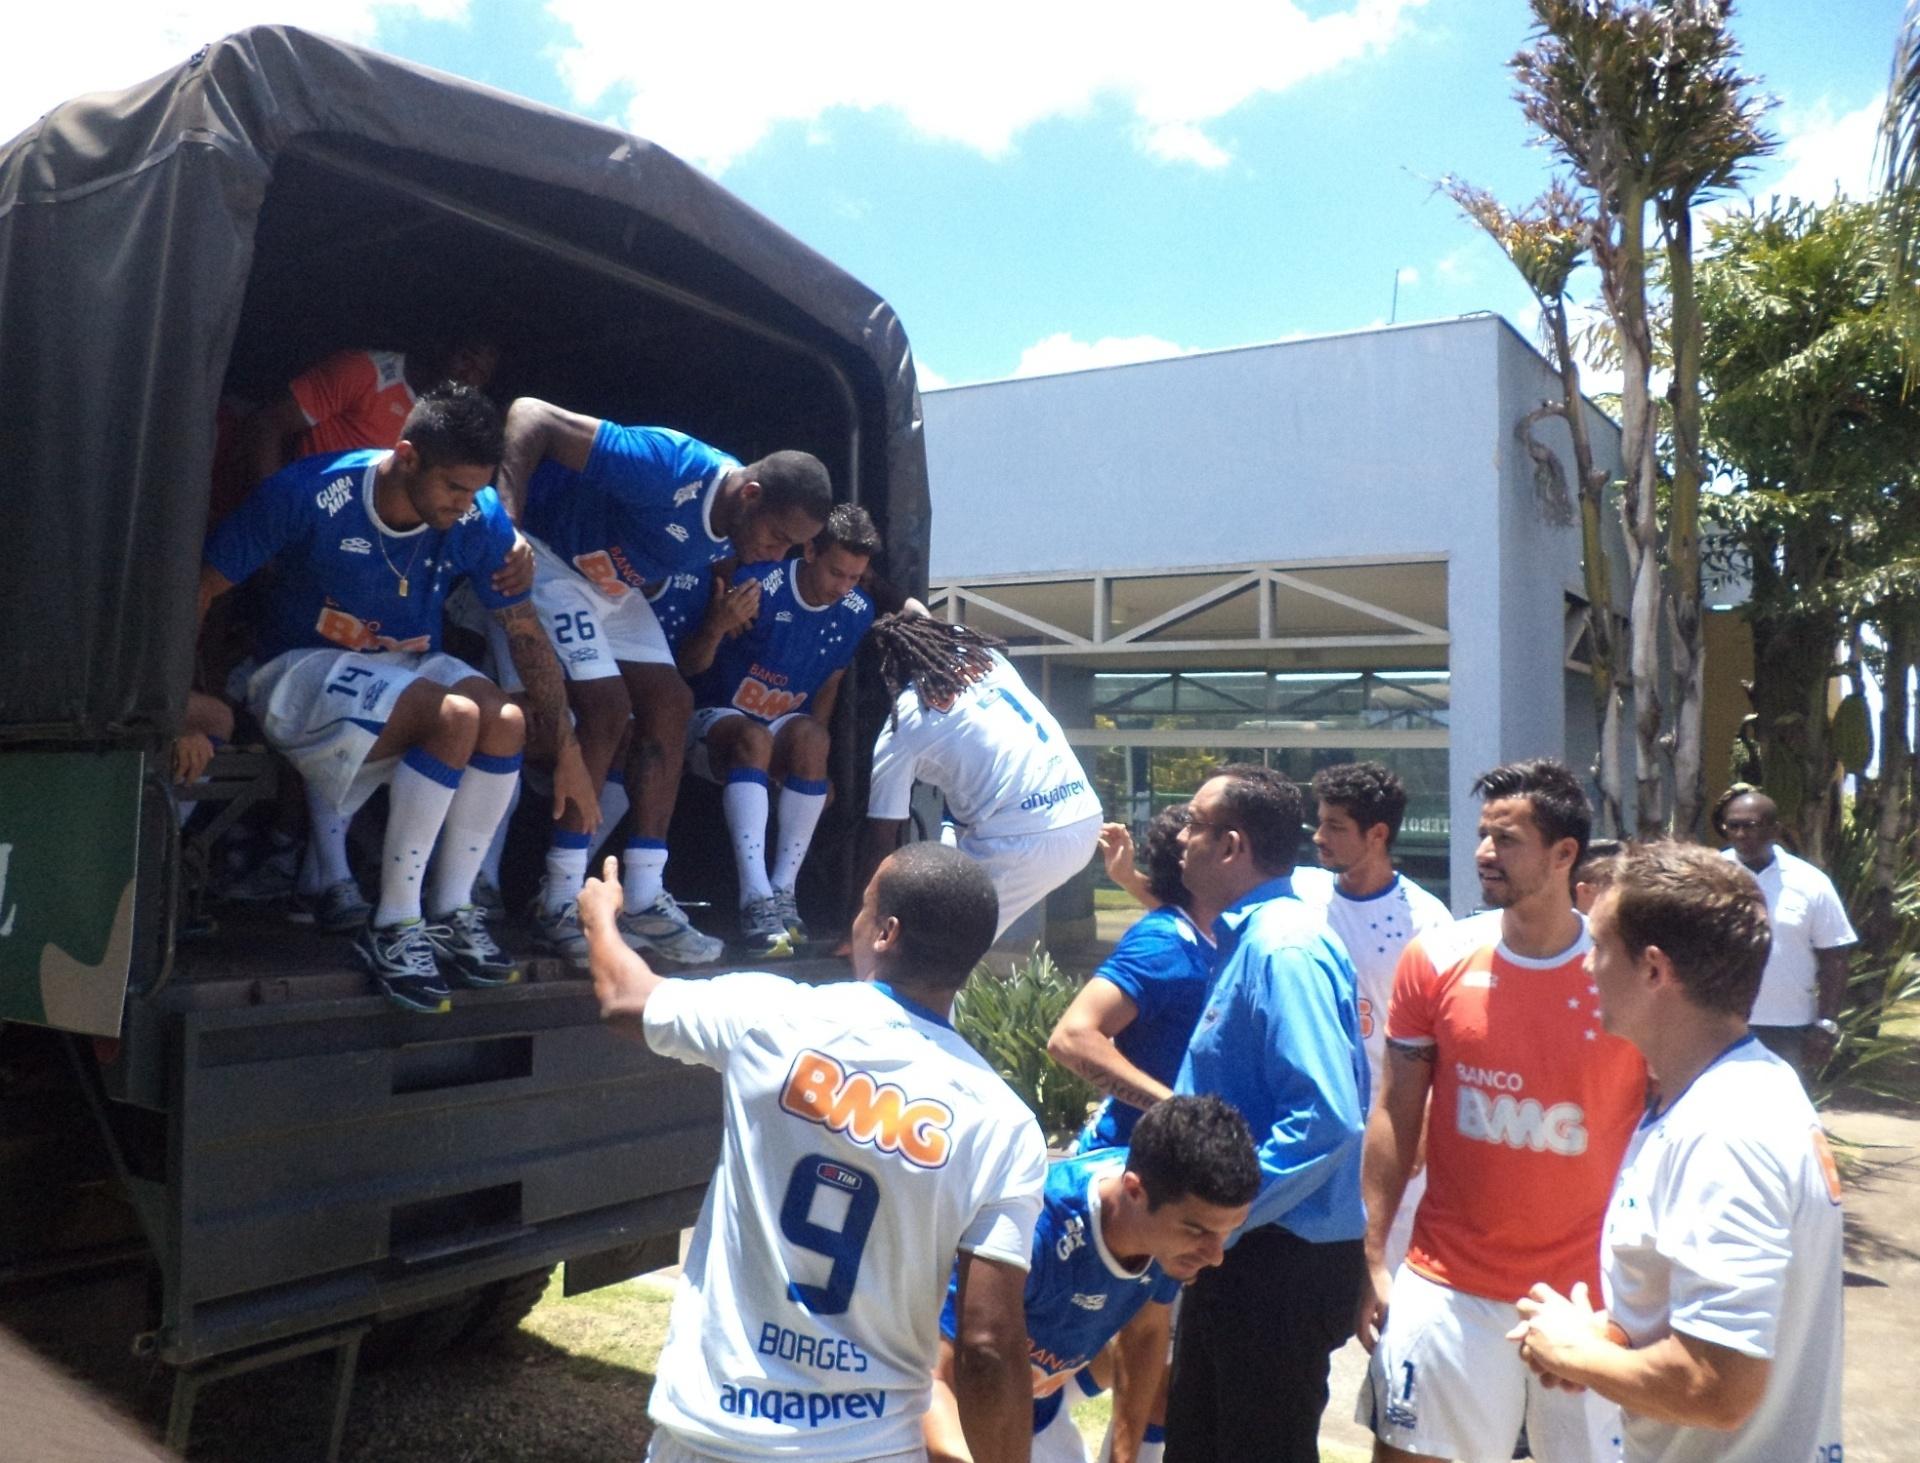 4ba2f8d508 Lançamento de camisa no Cruzeiro tem caminhão do exército e rock - 07 02  2014 - UOL Esporte